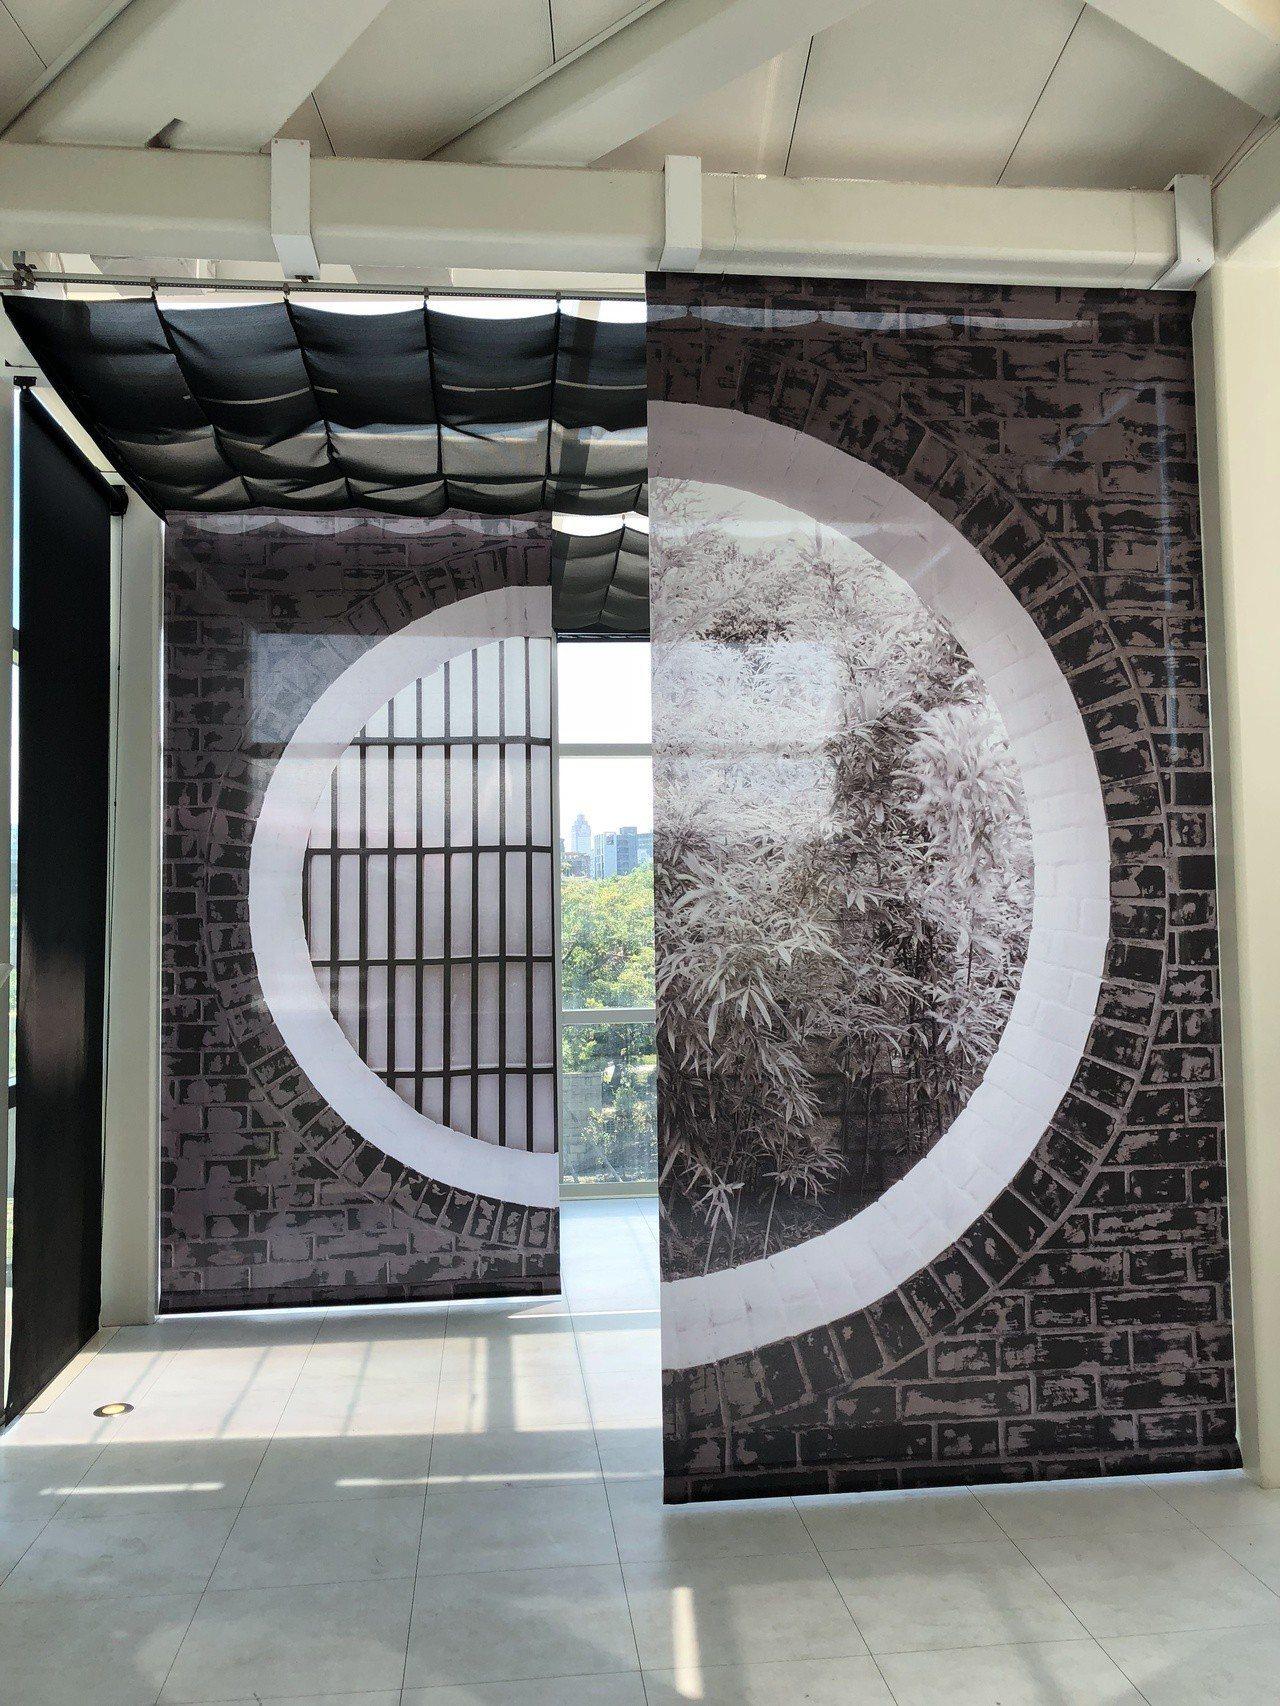 台北市立美術館內部裝修完成後,透過建築師王大閎式的中式圓窗造景設計,可見窗外。記...